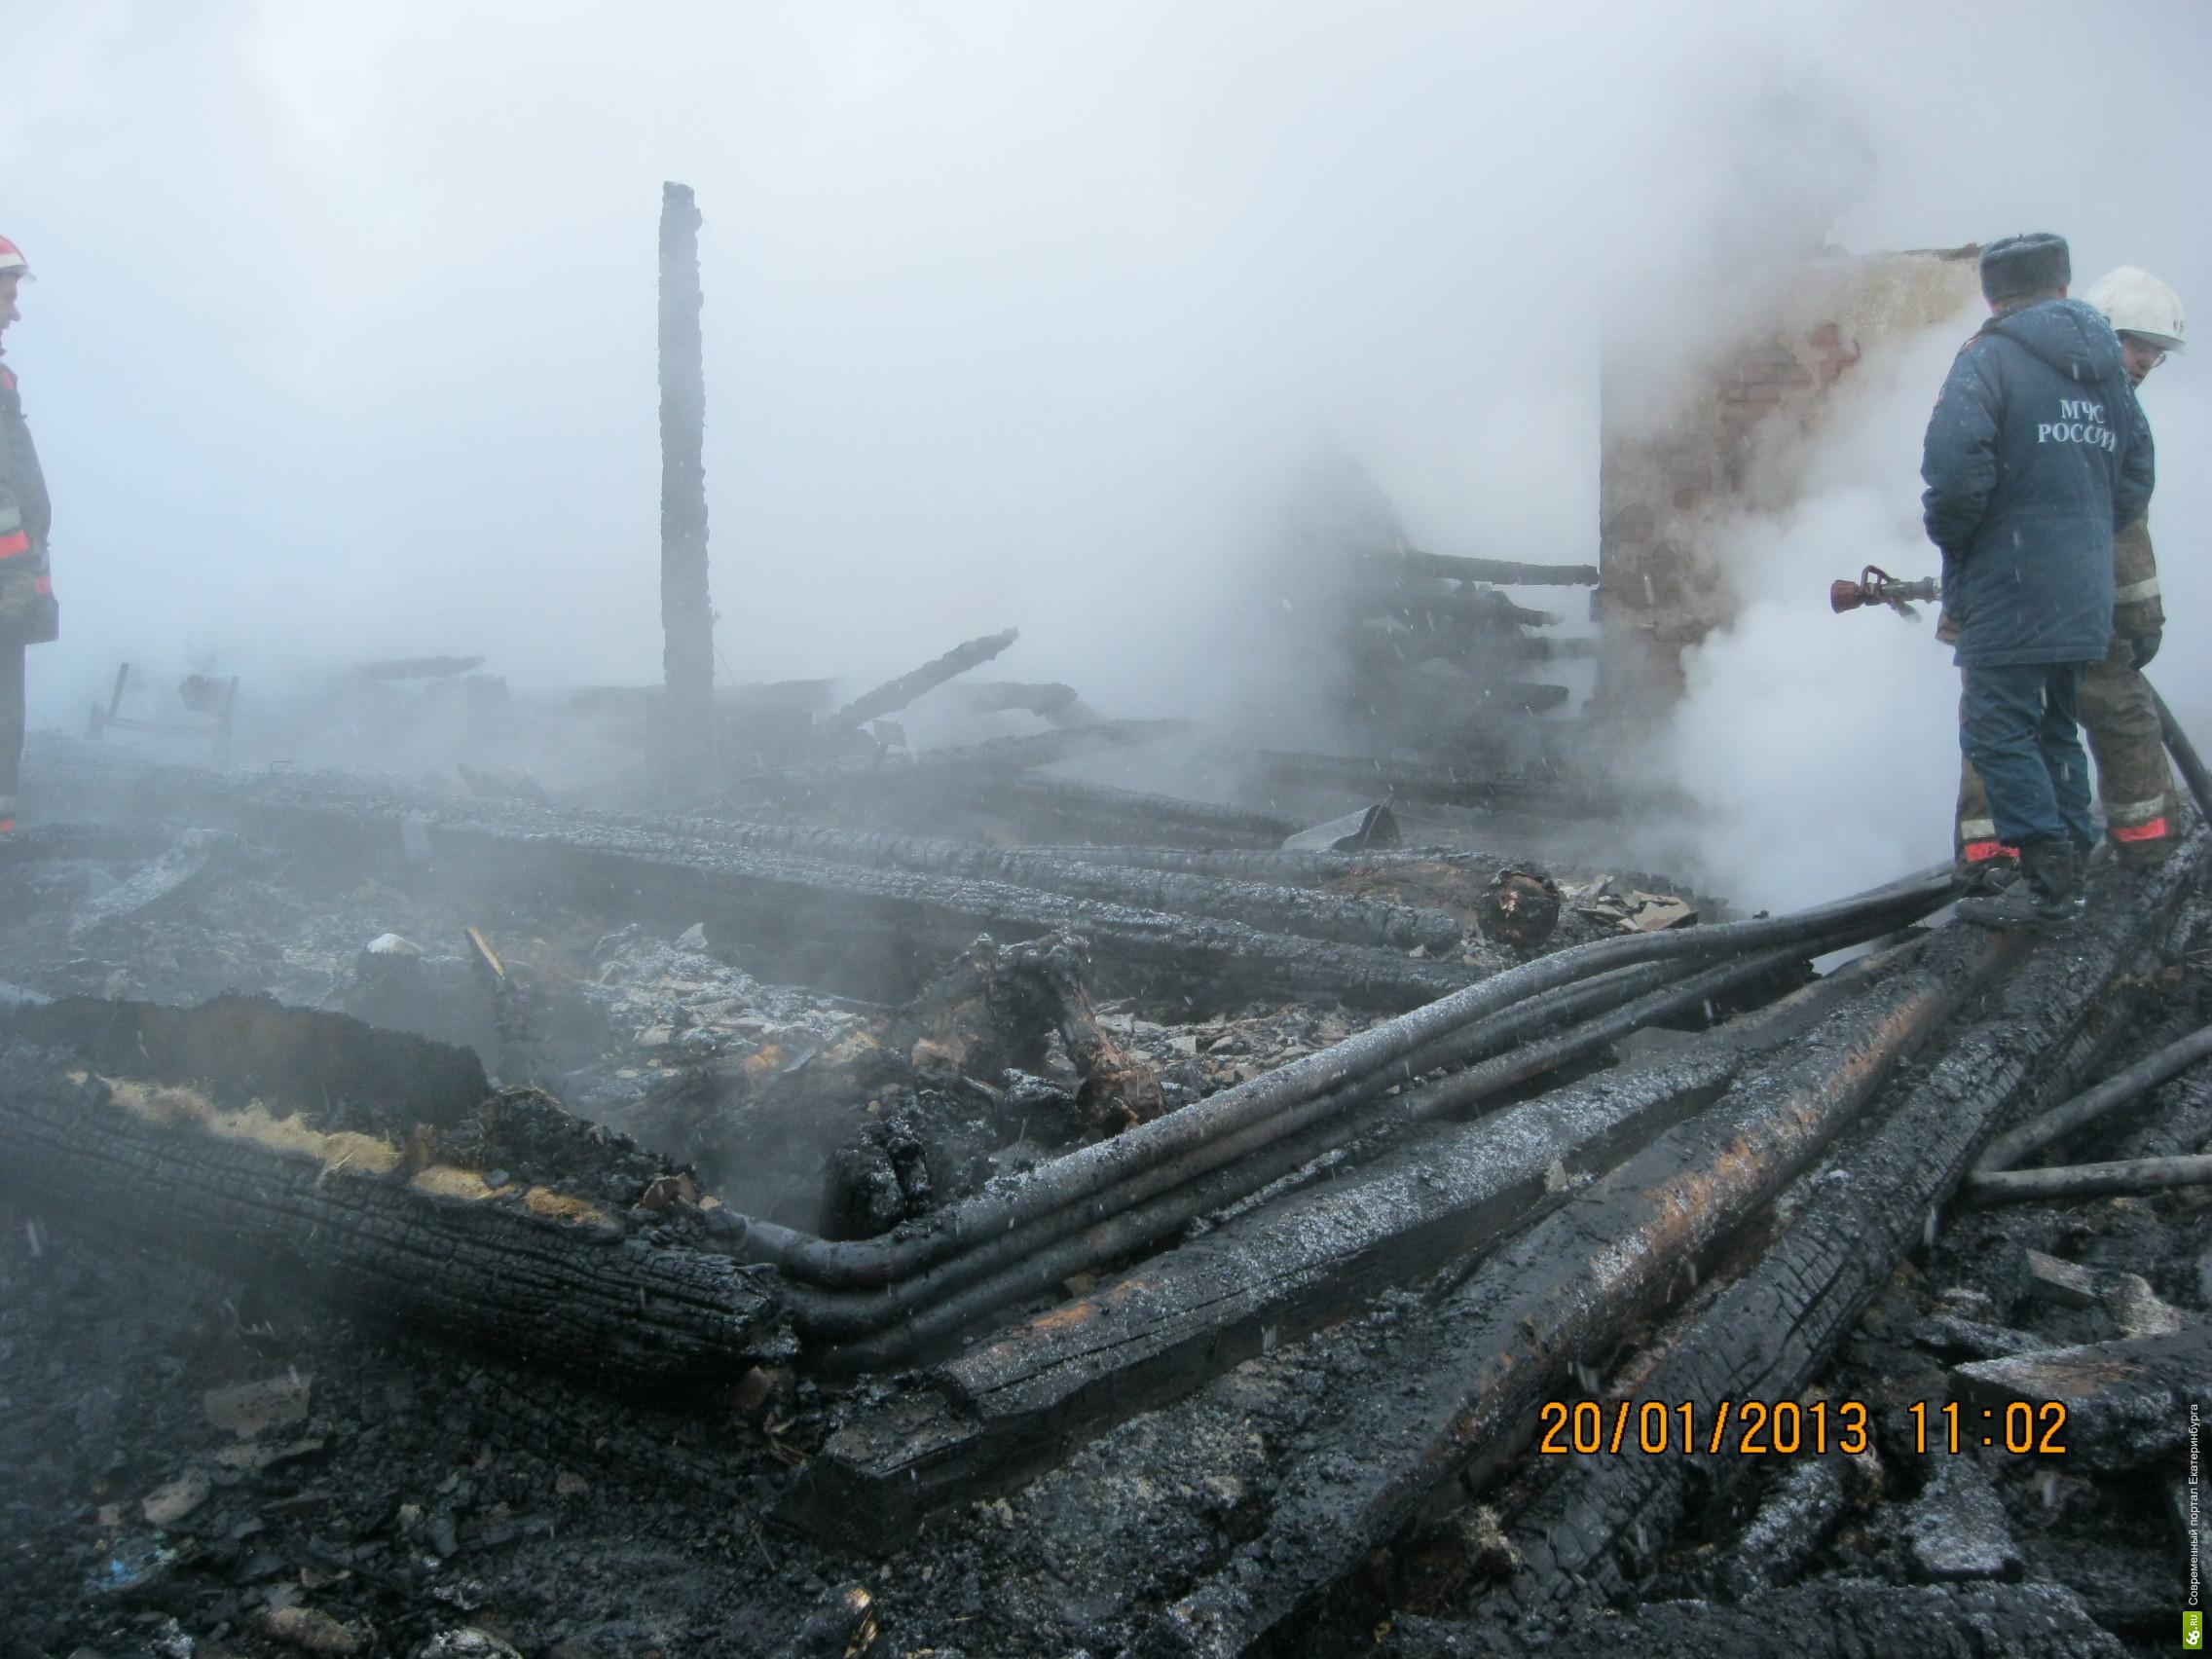 Стали известны имена всех погибших на пожаре в поселке Садовый